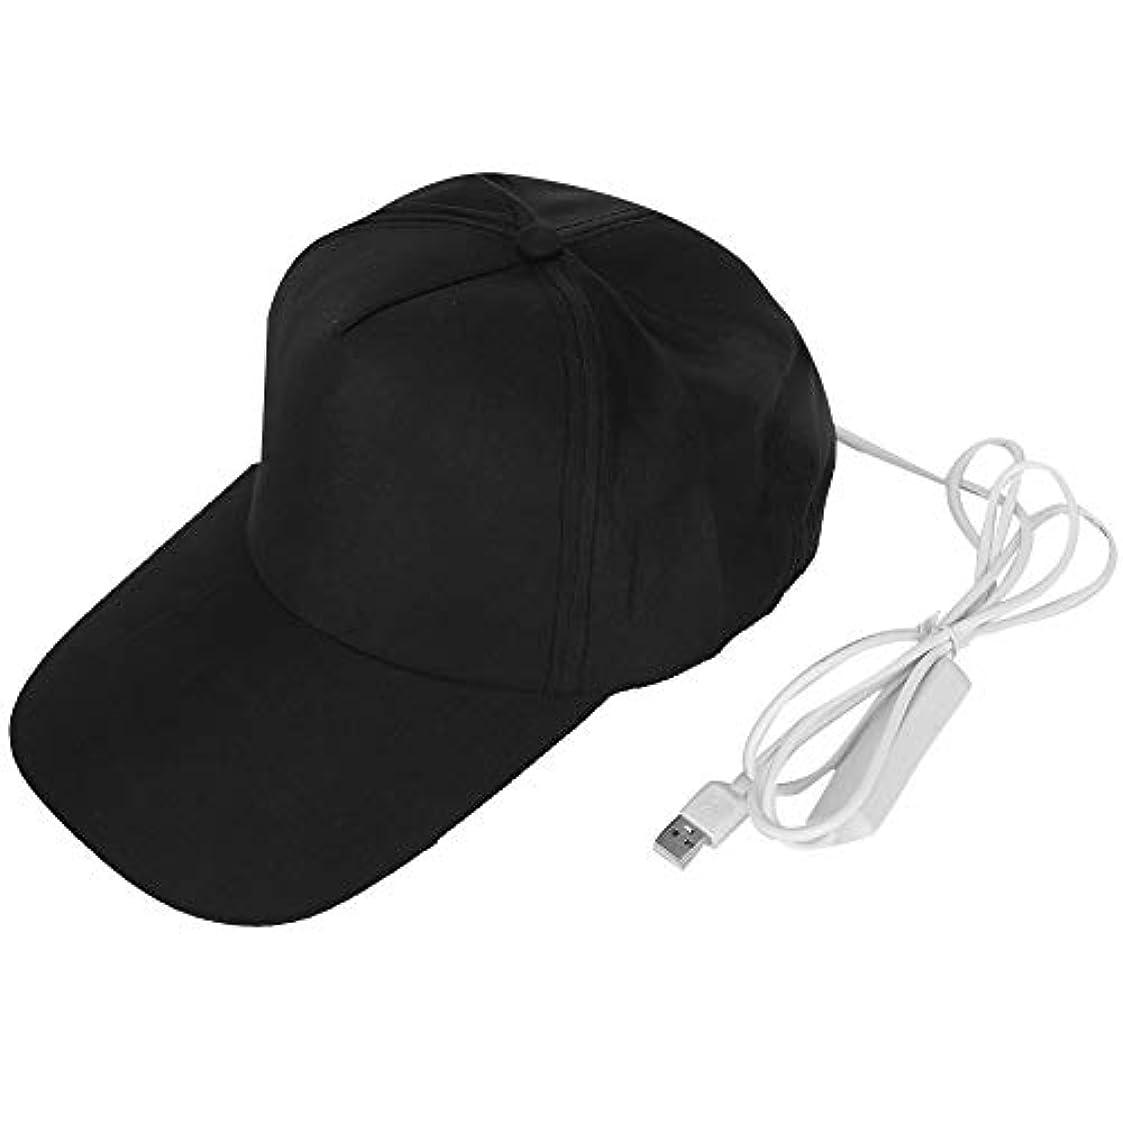 最も早い堤防漏れ調節可能な毛の成長の器械ランプのビードの帽子